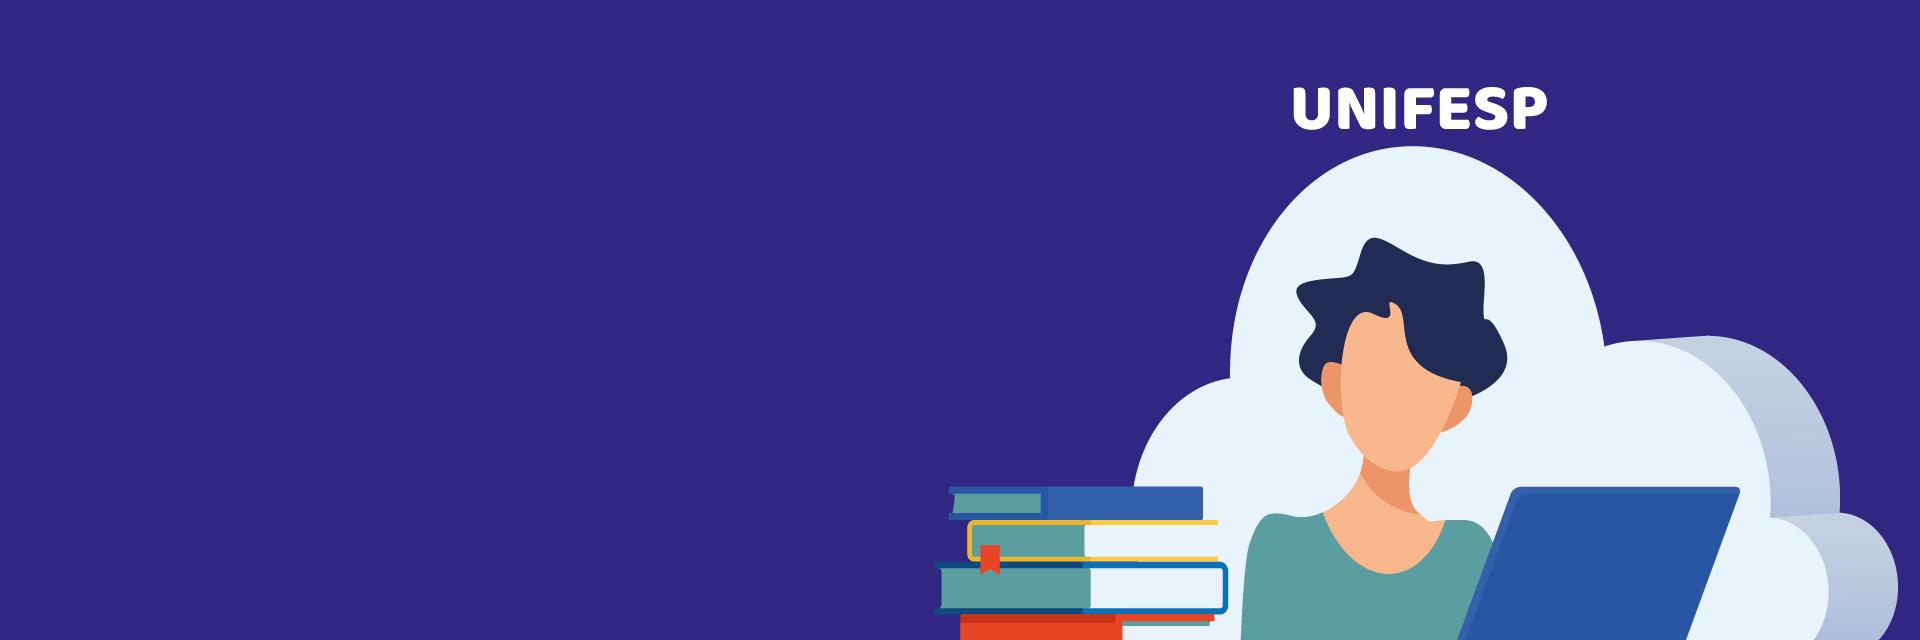 Unifesp: Universidade promoverá feira de profissões virtual e gratuita